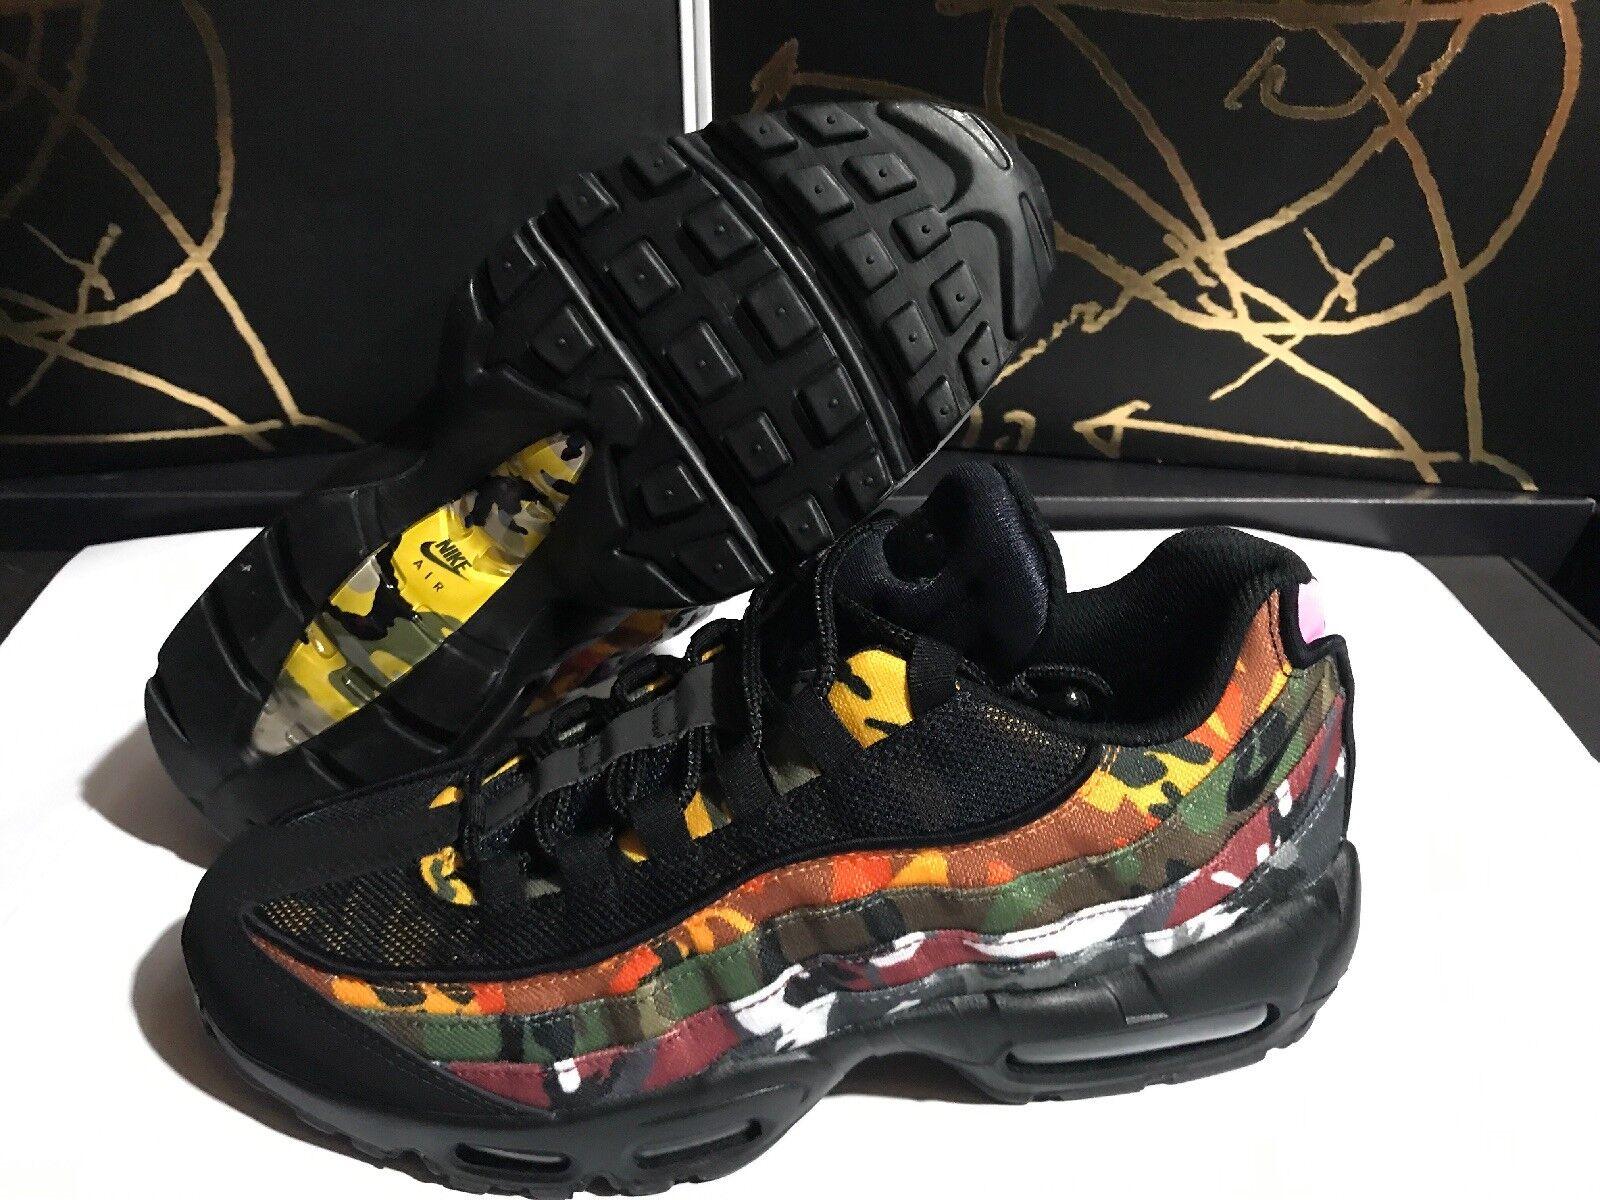 reputable site dc3b1 2d0a8 Nike Air Max 95 ERDL Taille de parti 8.5 Multicolore Camo Qu est-ce que le  AR4473-001 NOUVEAU